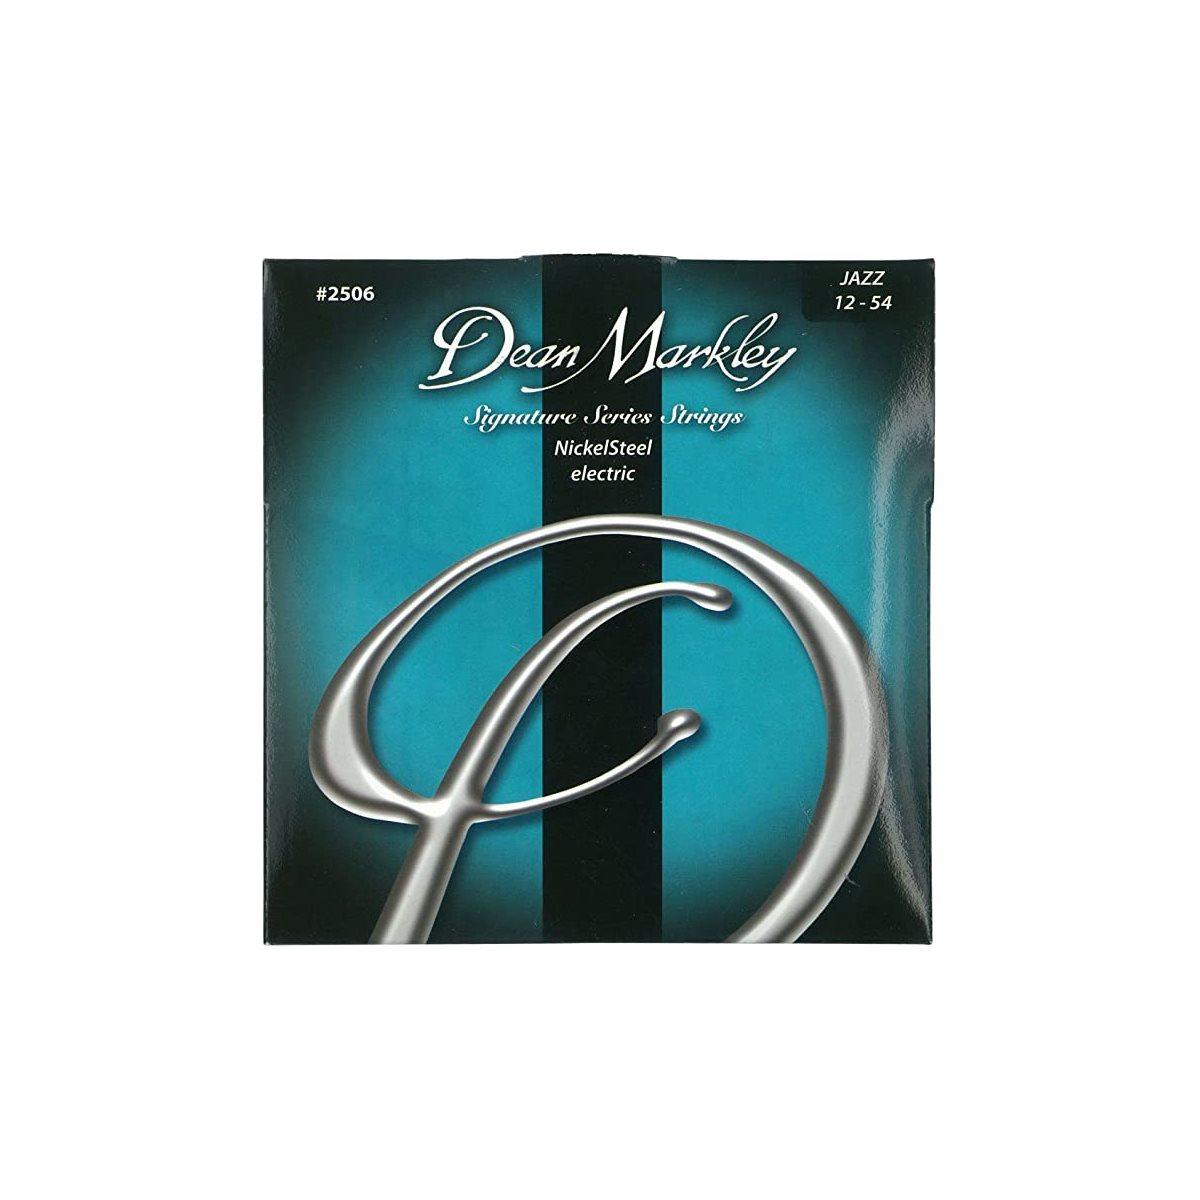 DEAN MARKLEY - ROUND WOUND Jazz Electric Guitar Strings - 12-54